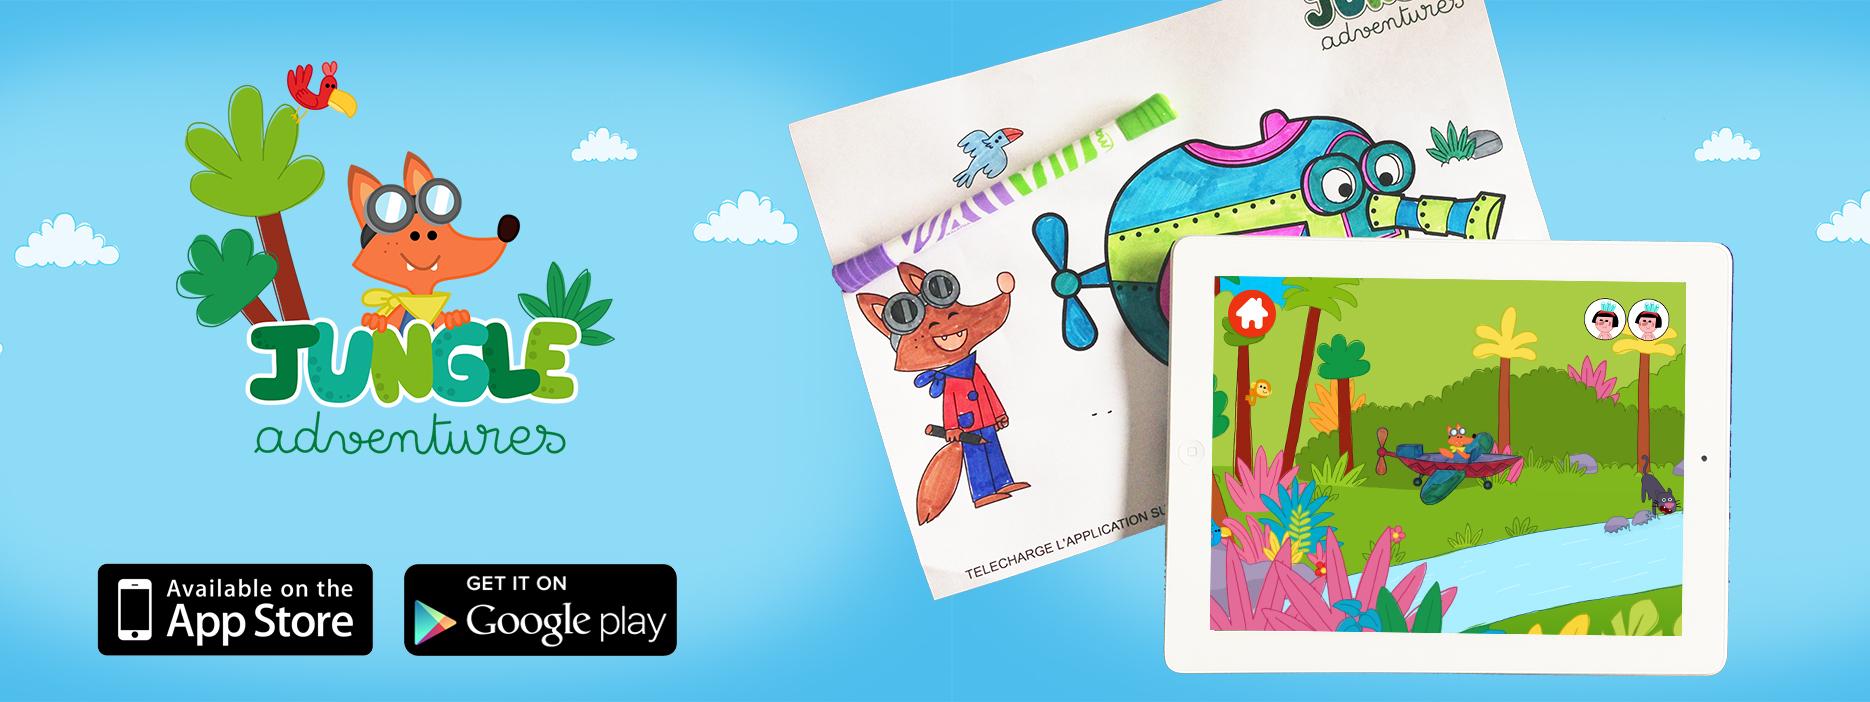 MEA_App-Jungle